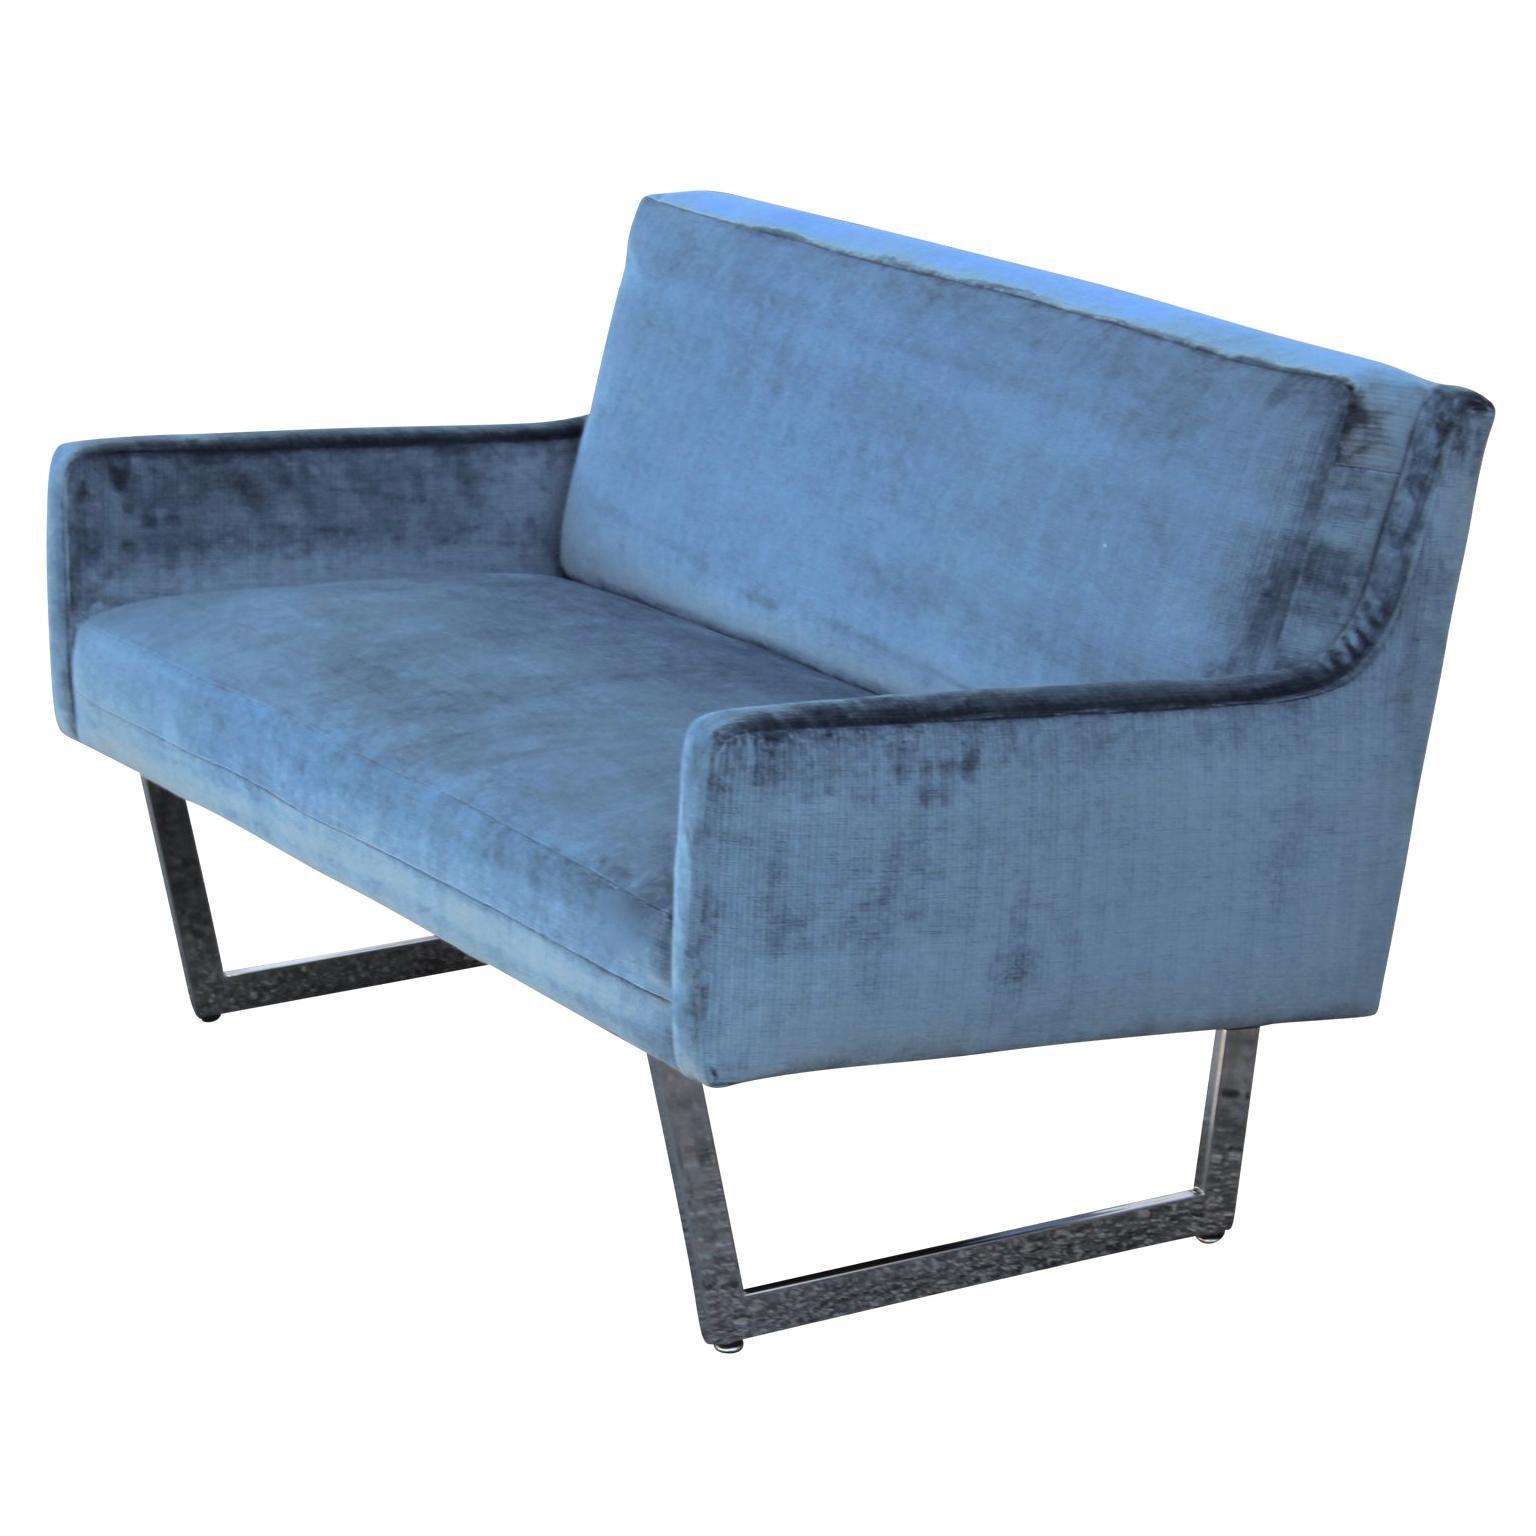 Light Blue Velvet Loveseat Or Settee With Chrome Legs